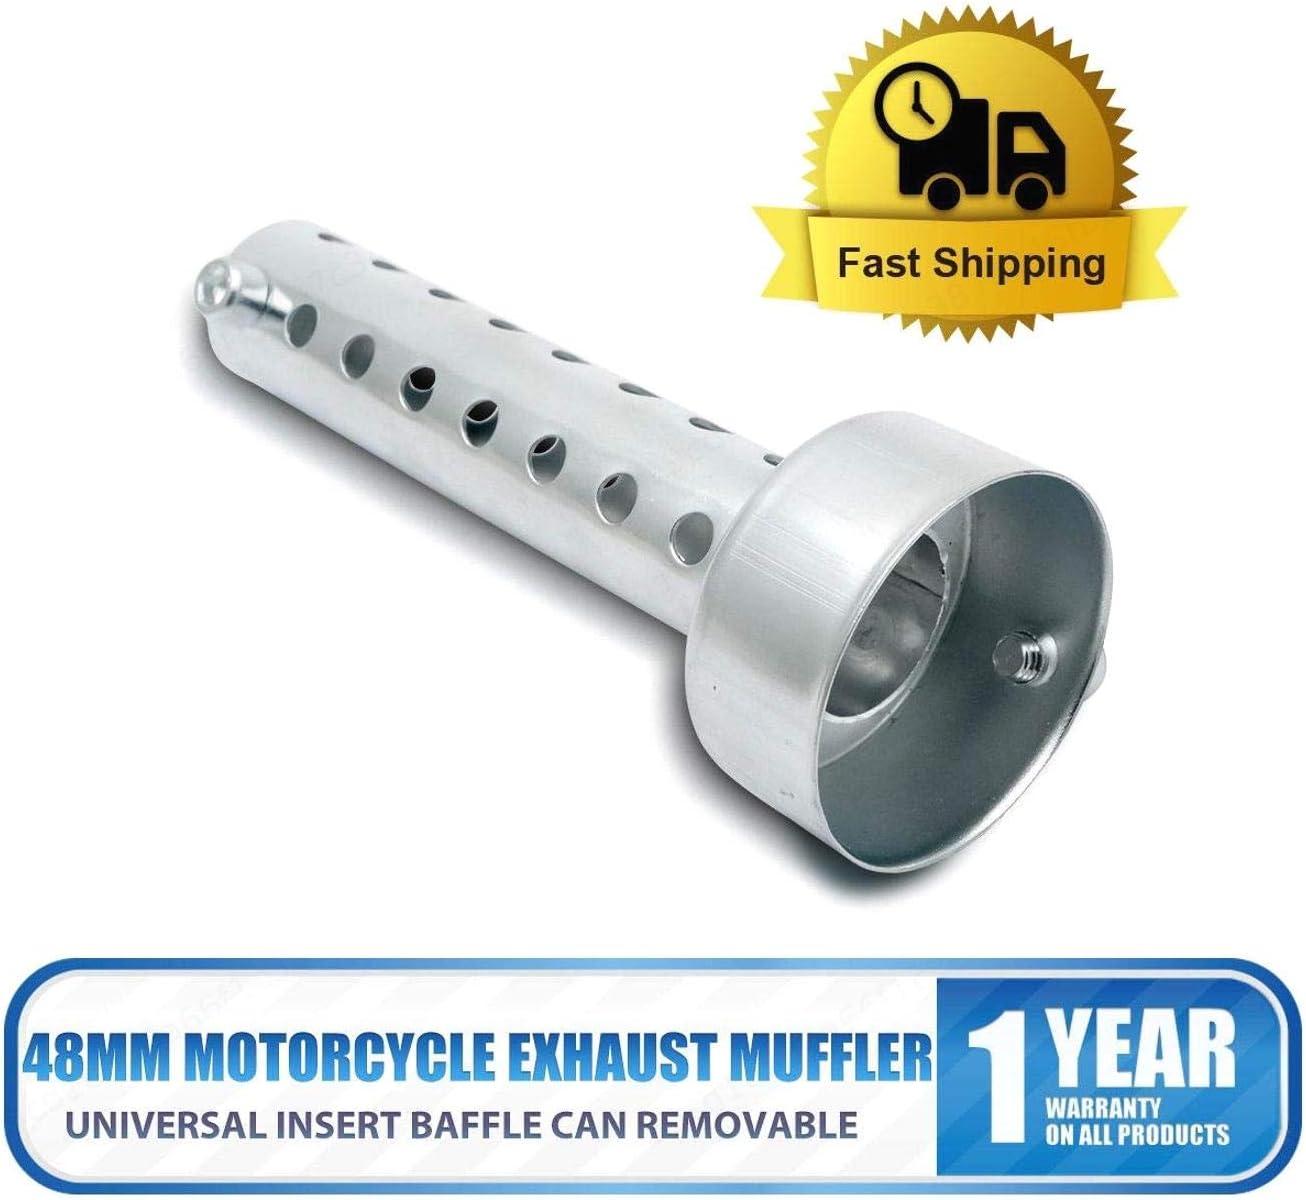 DULALA Silenciador de Tubo de Escape Universal de 60 mm silenciador de Tubo de Escape DB Killer Silenciador 60 mm silenciador de Tubo de Escape para Motocicleta